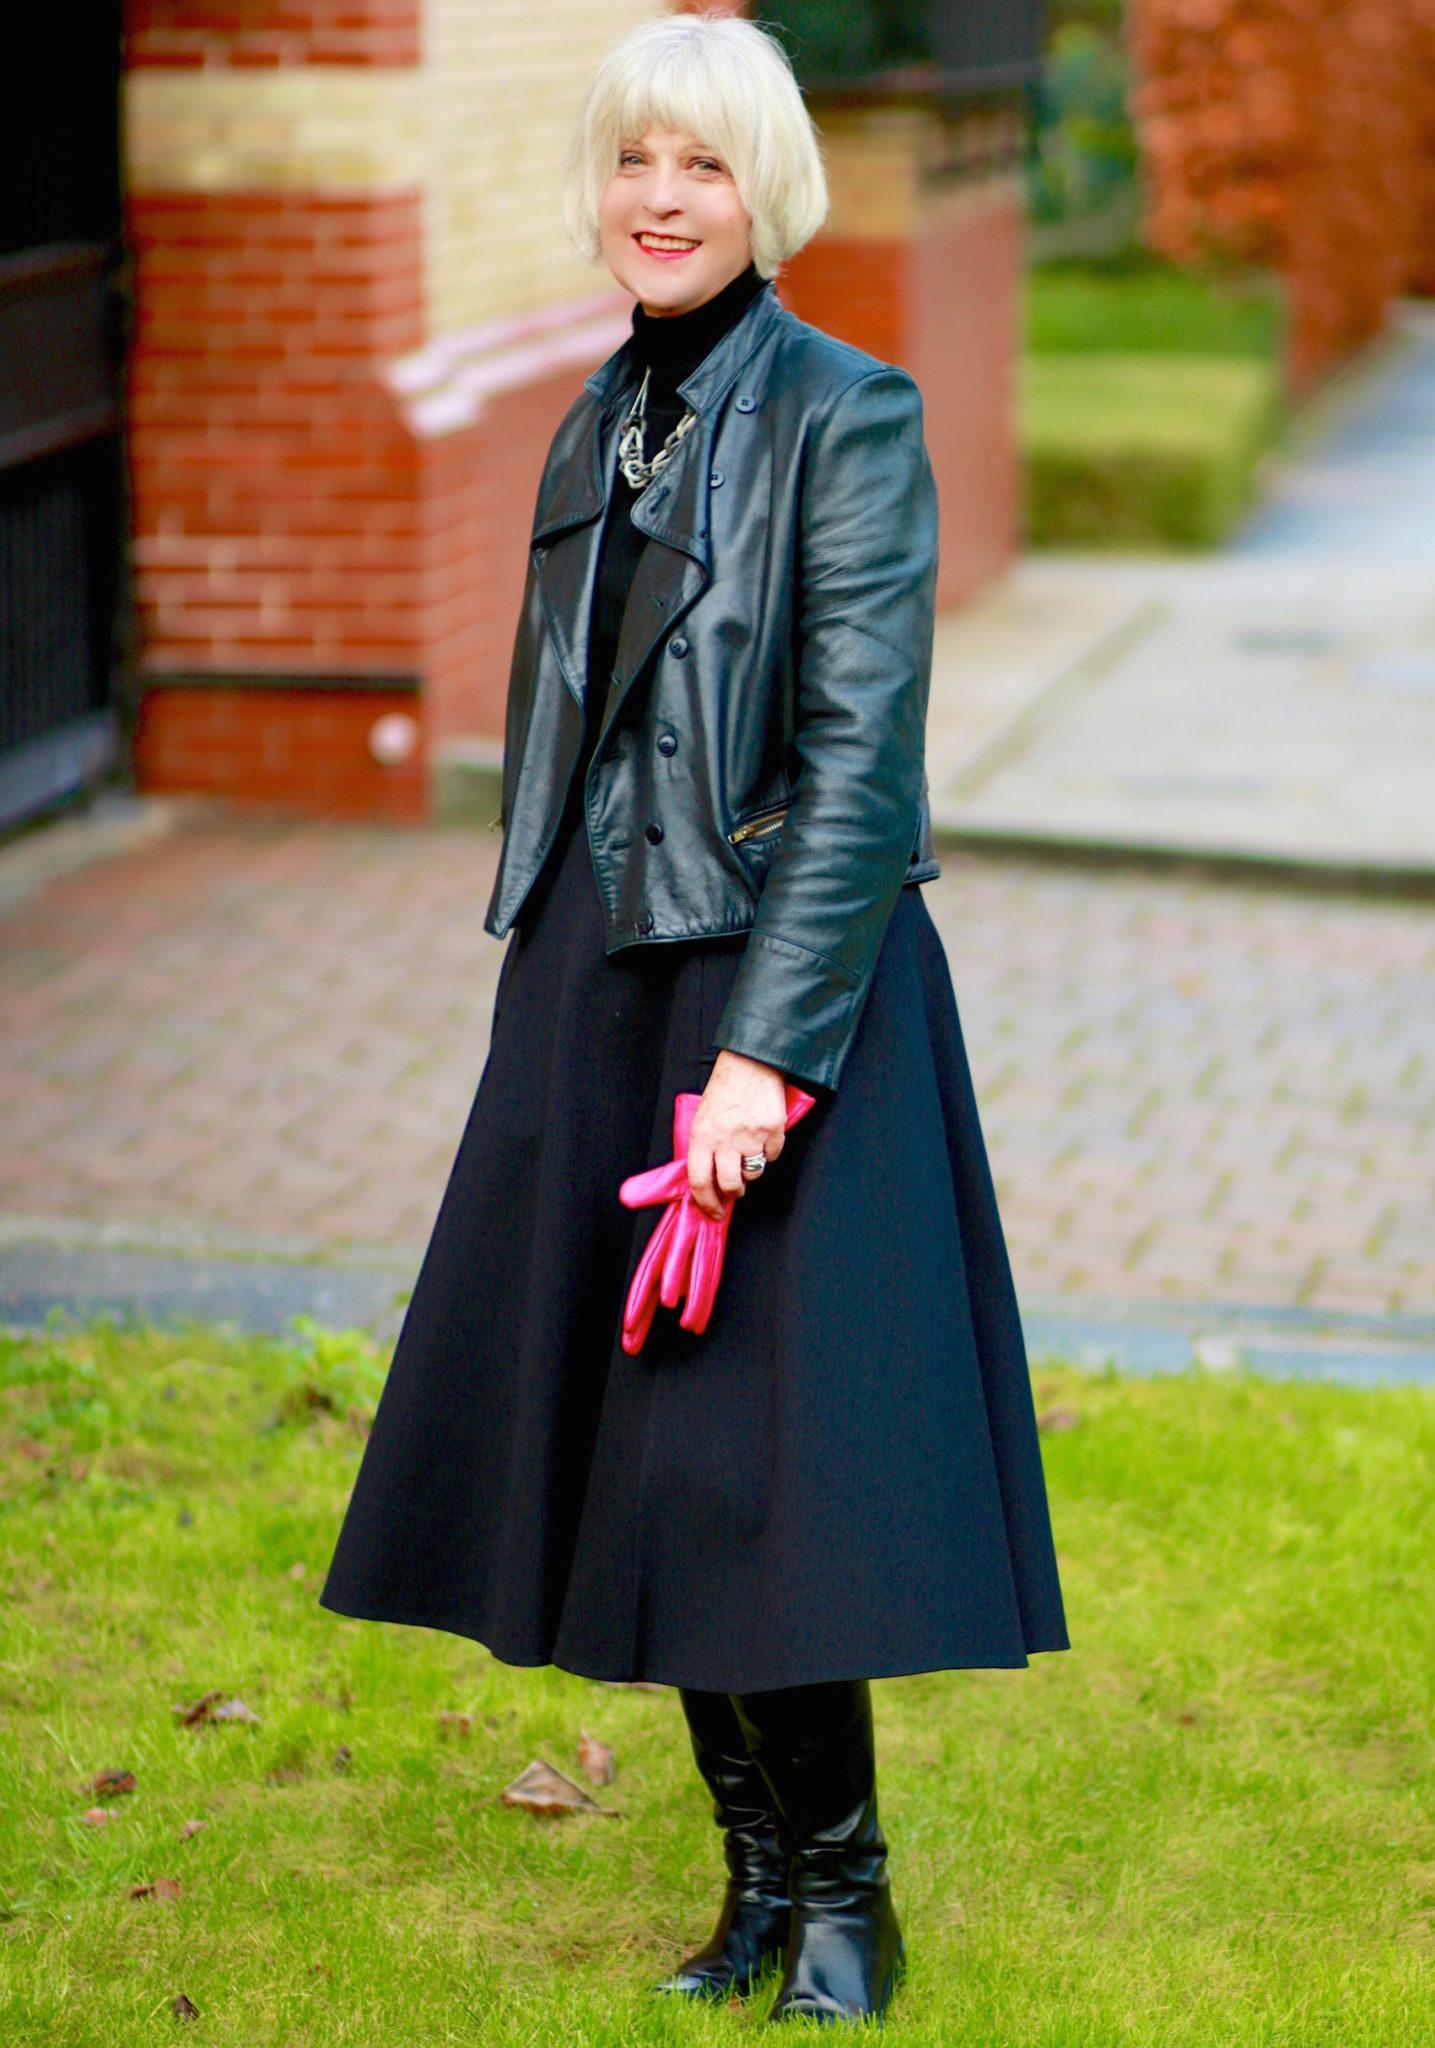 Black jacket by garage door